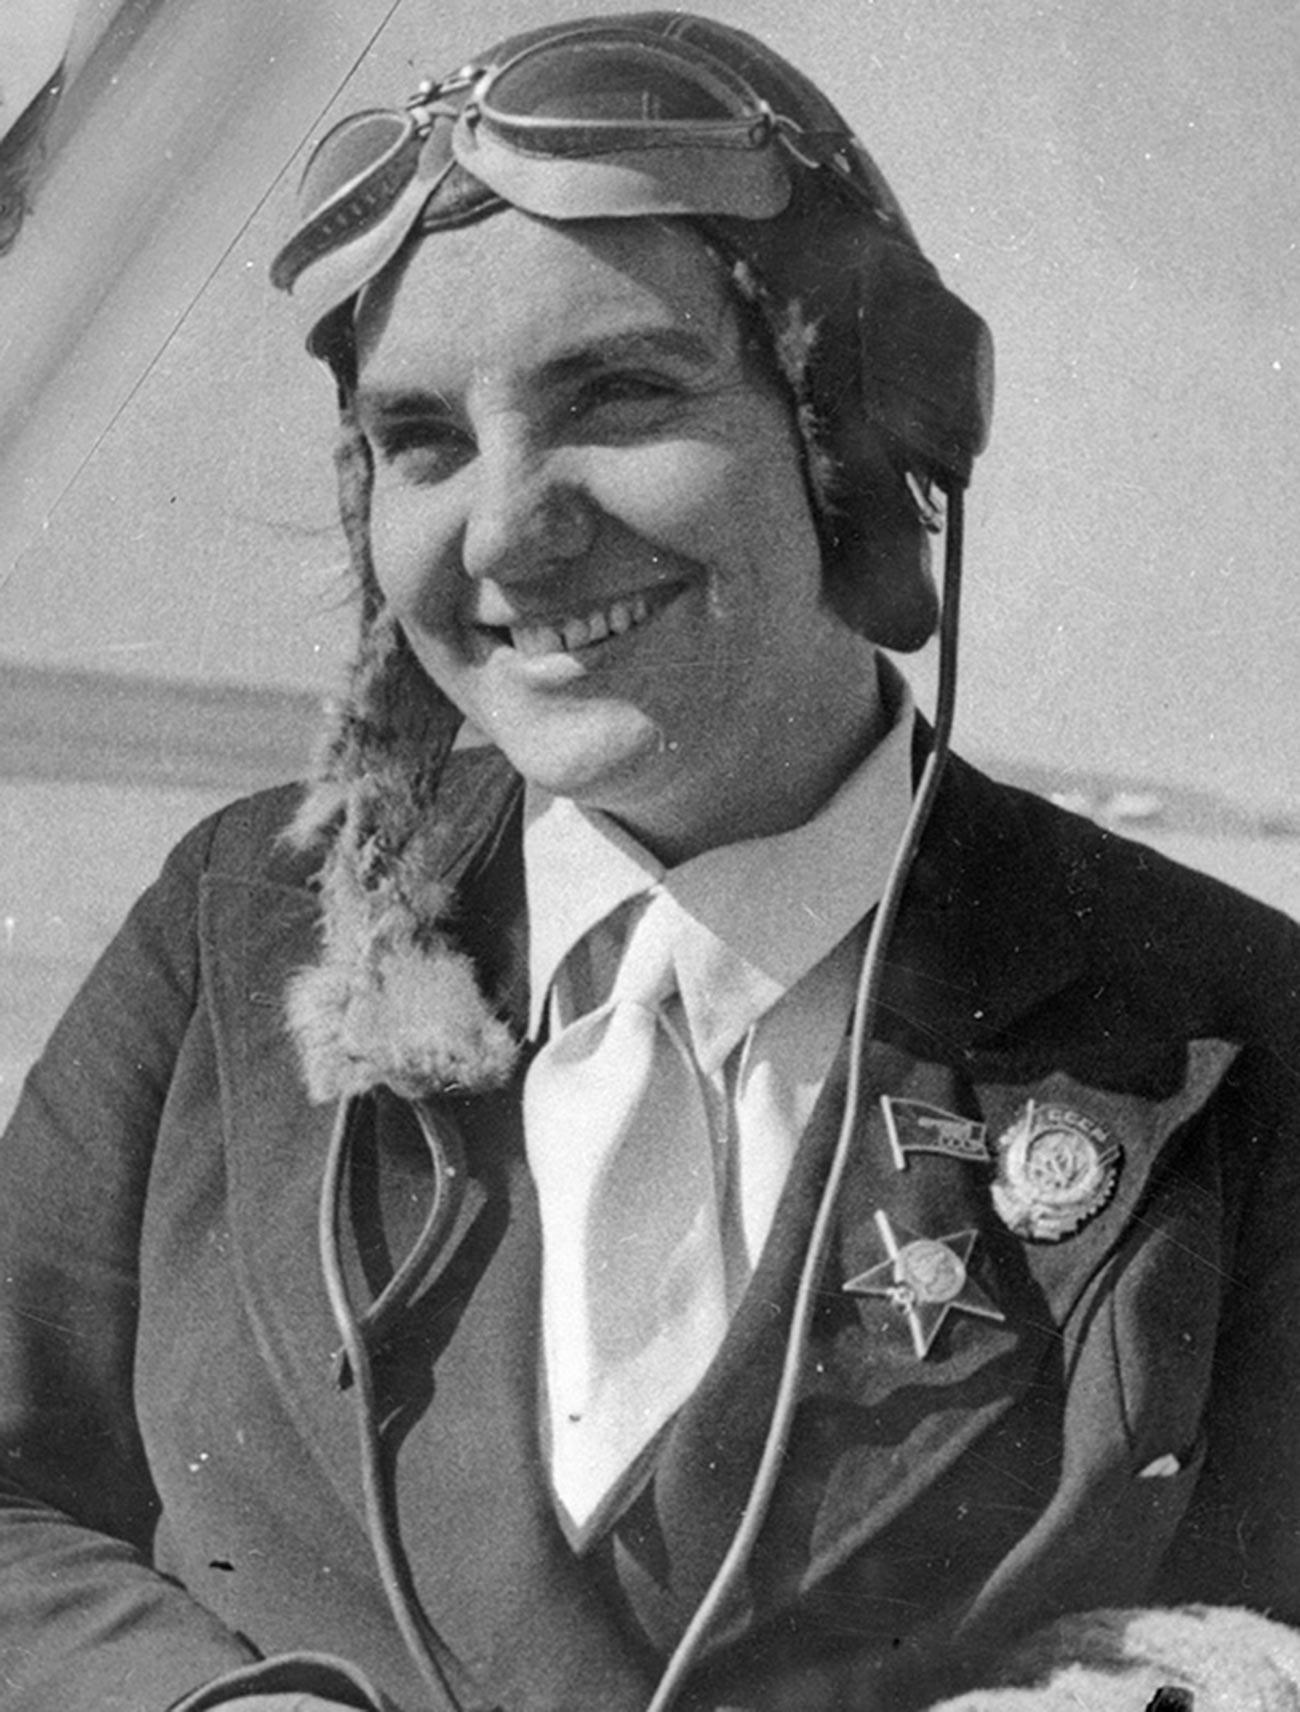 Портрет на пилота Валентина Гризодубова